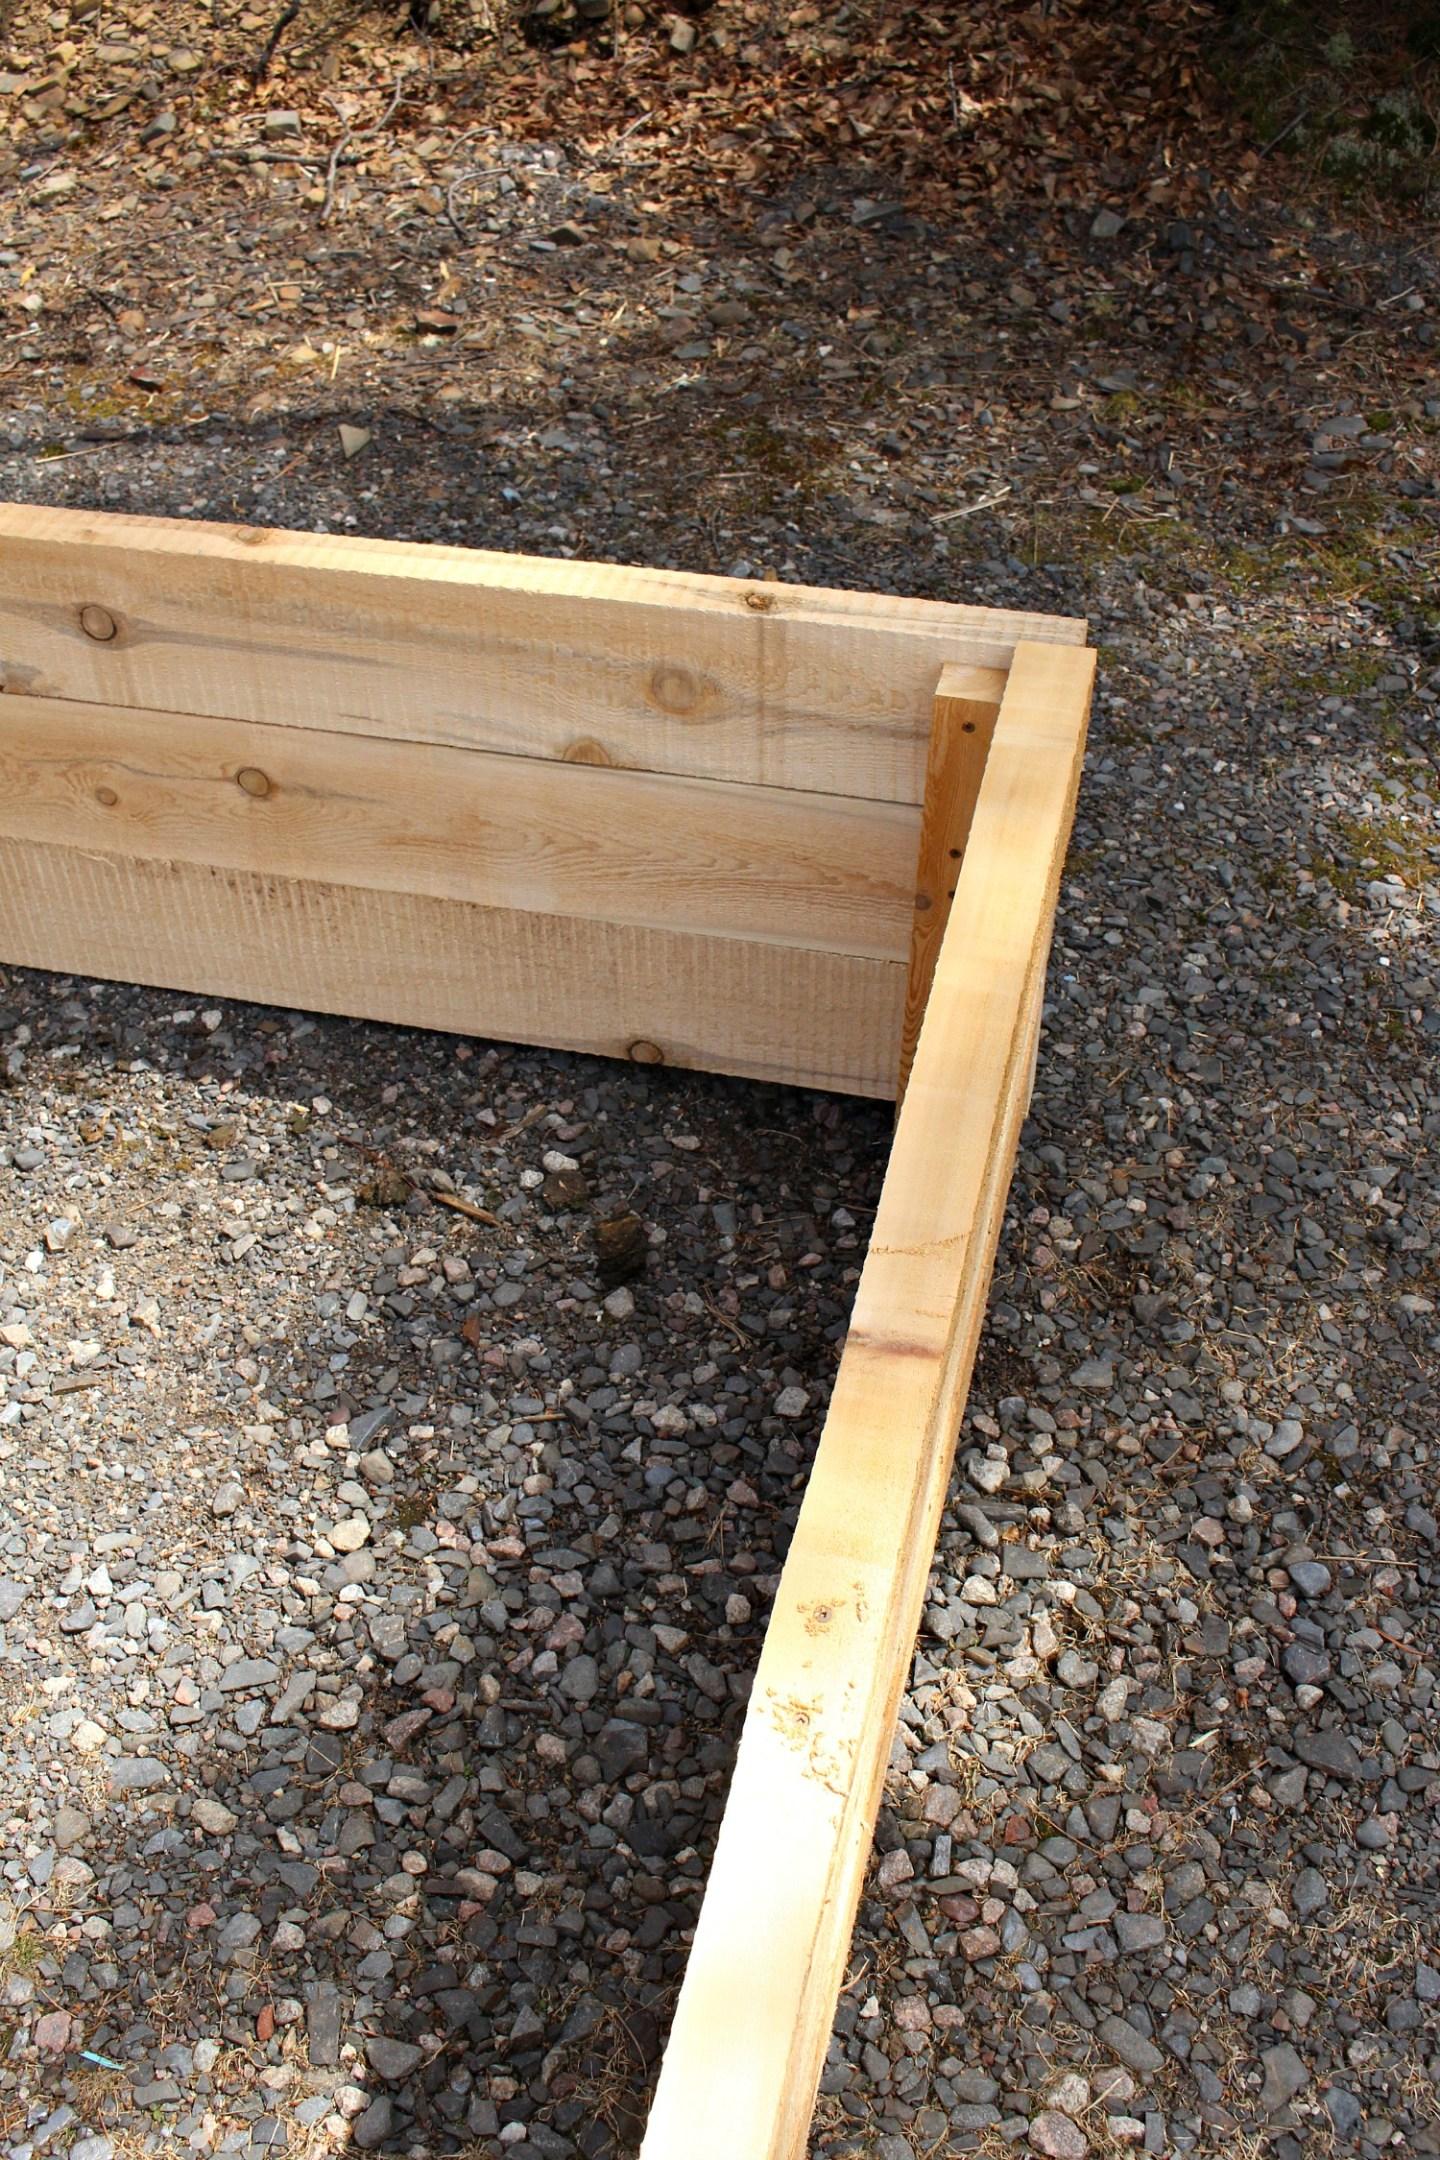 How to Make Garden Boxes